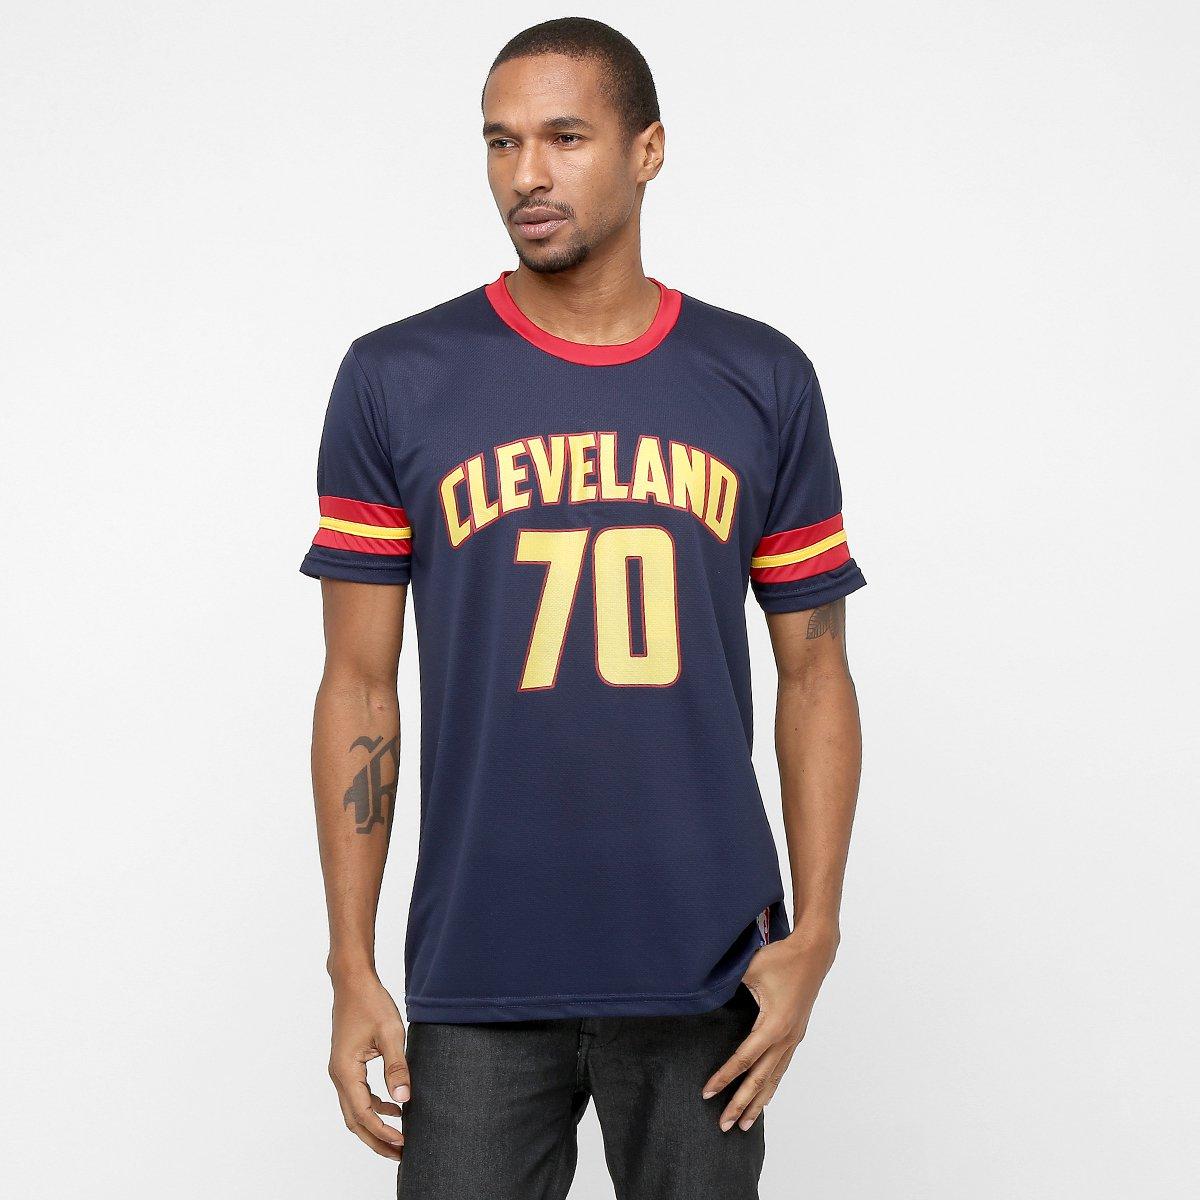 Camiseta NBA Cleveland 70 - Compre Agora  360177ae14e28